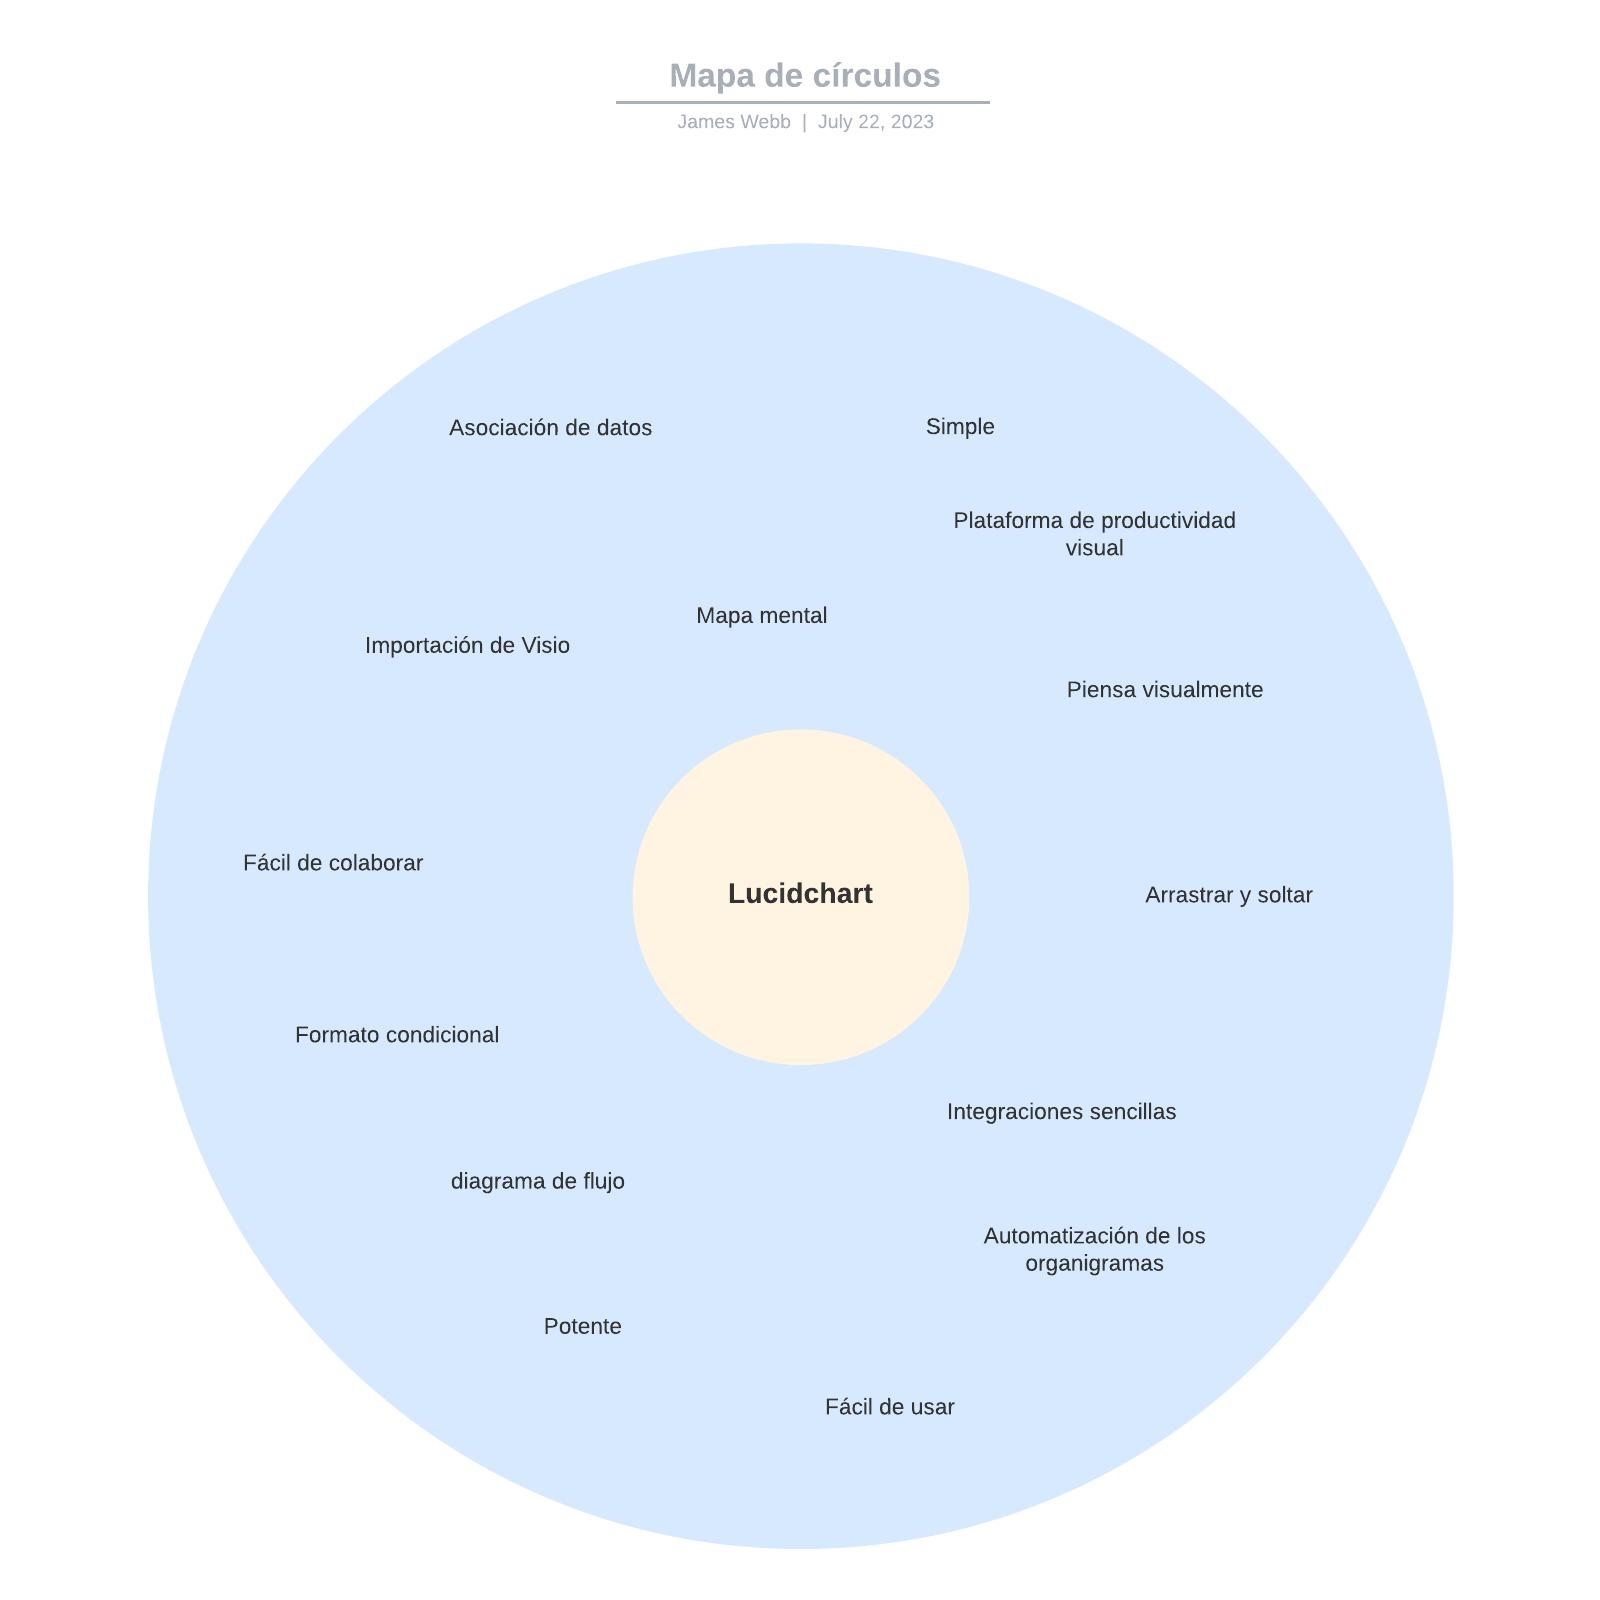 Mapa de círculos